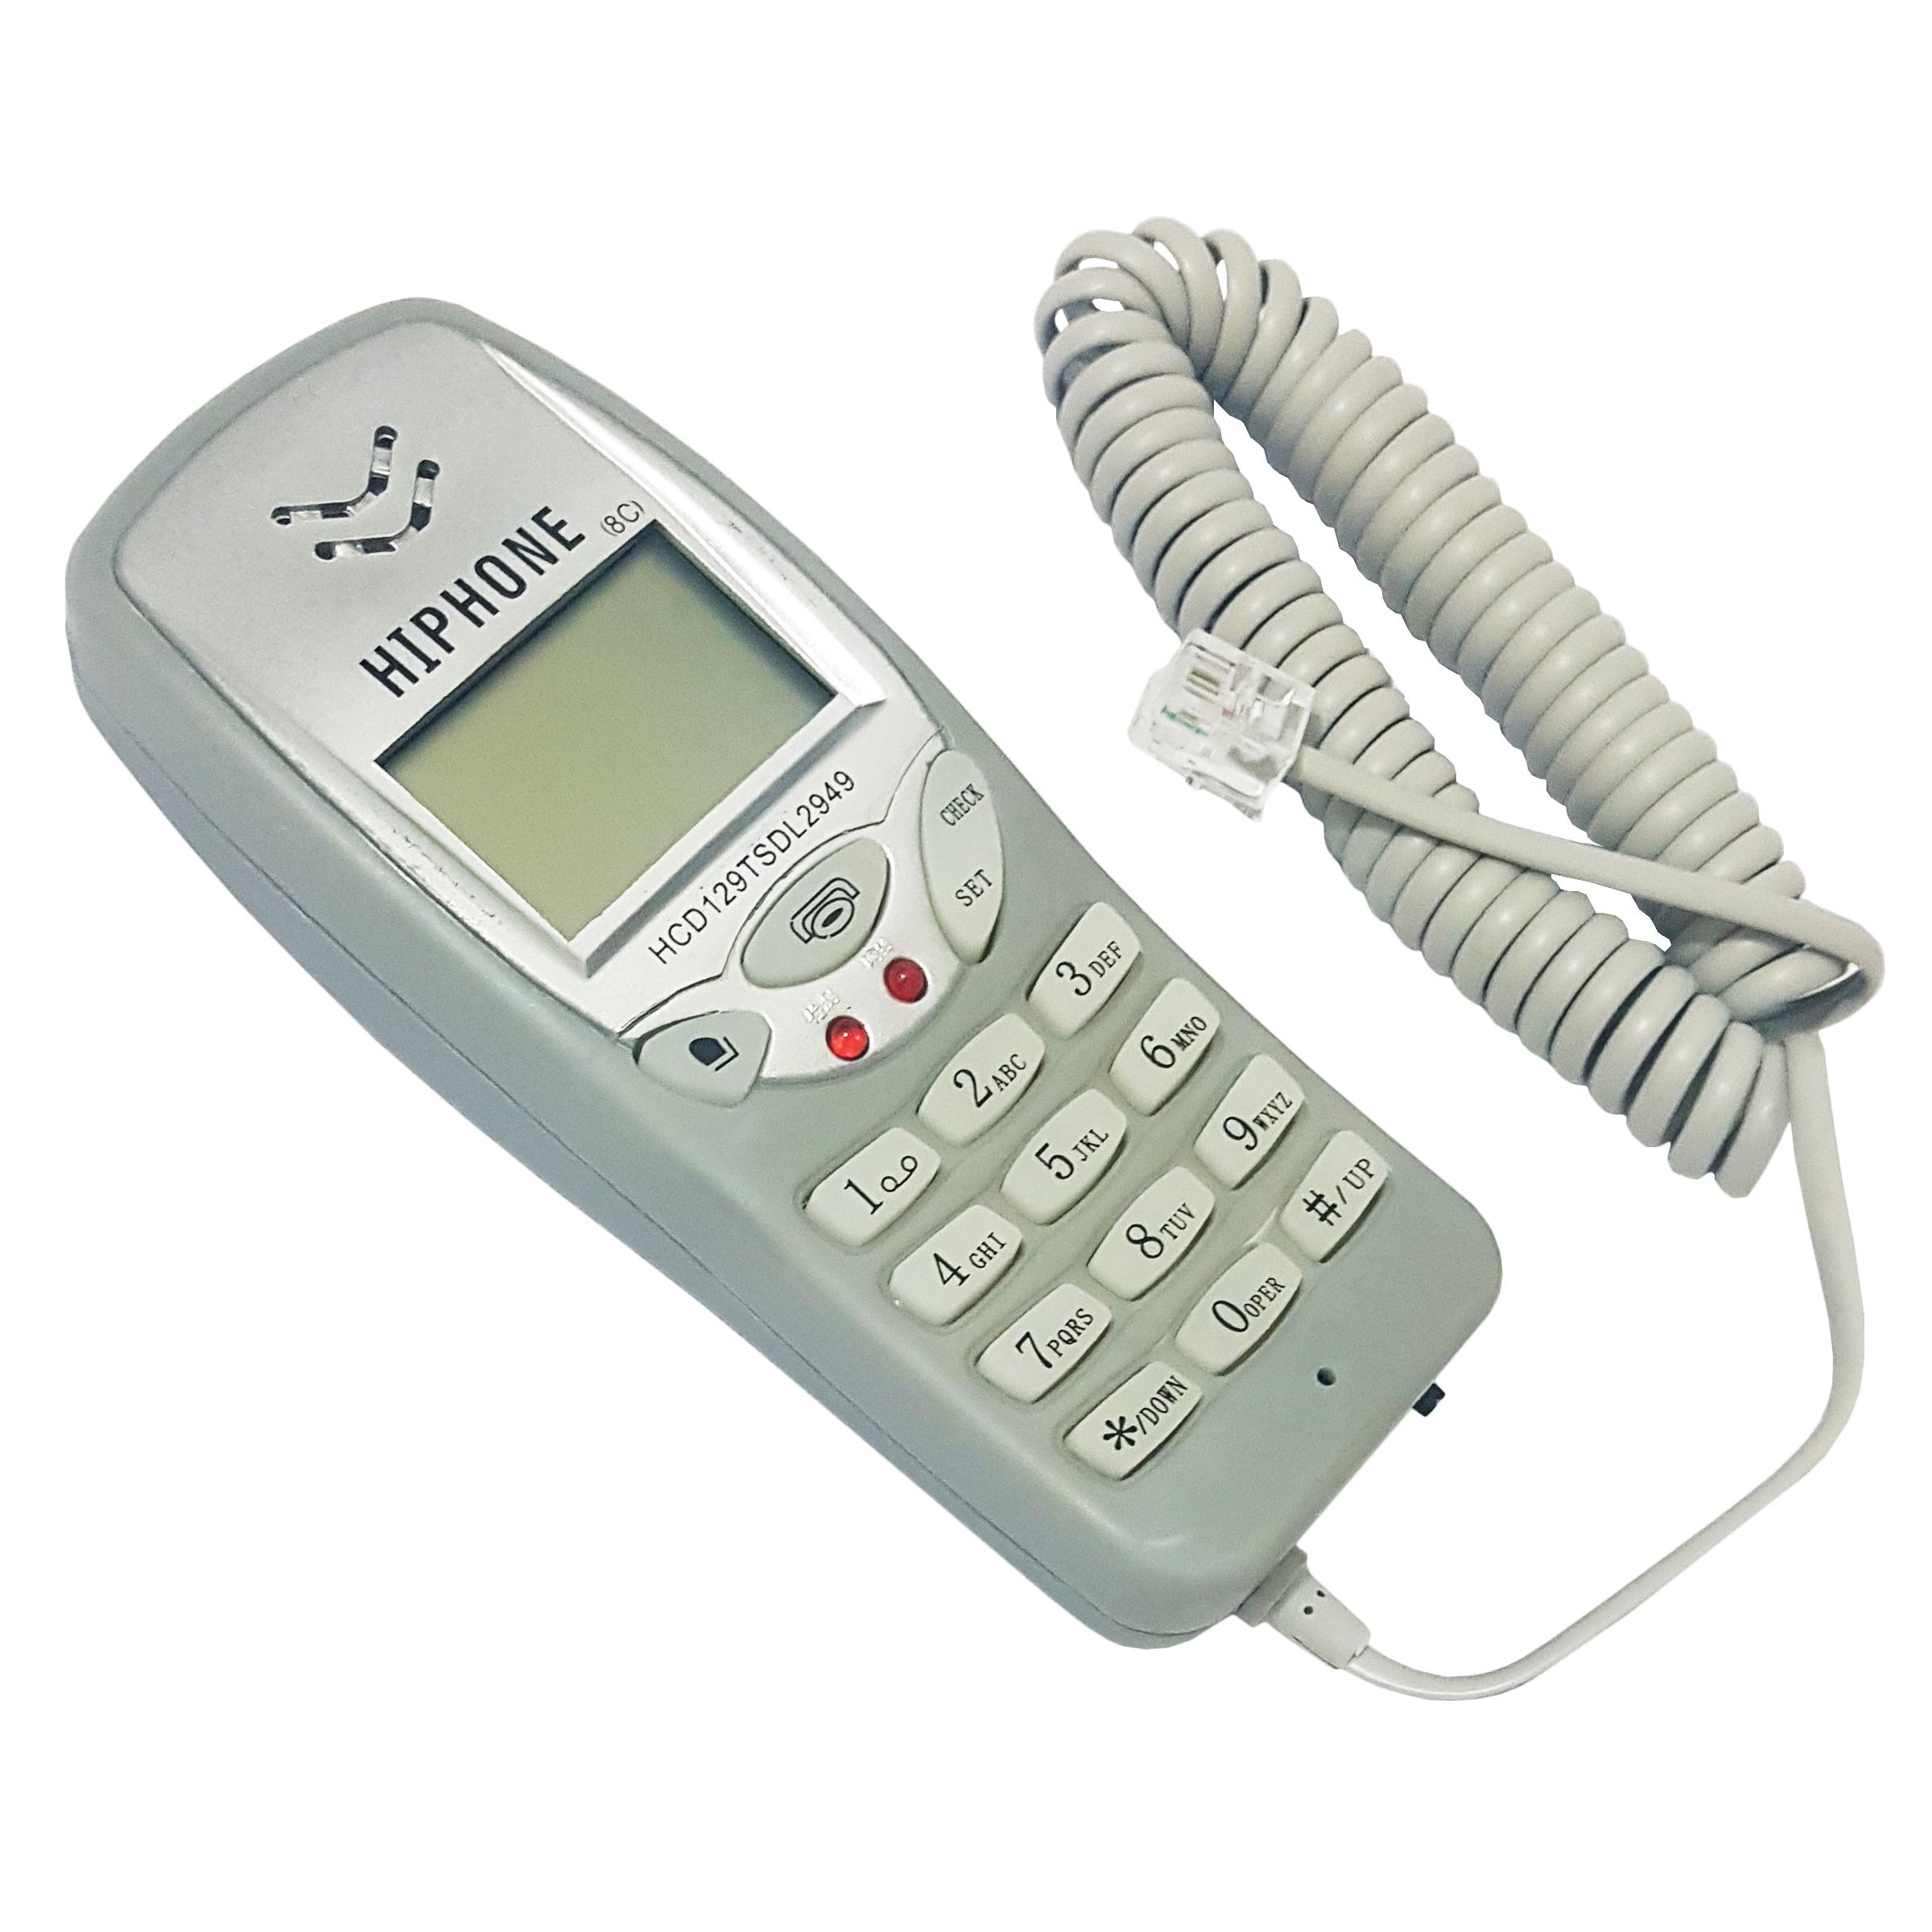 تلفن گوشی غلامی تست خط مدل HCD129